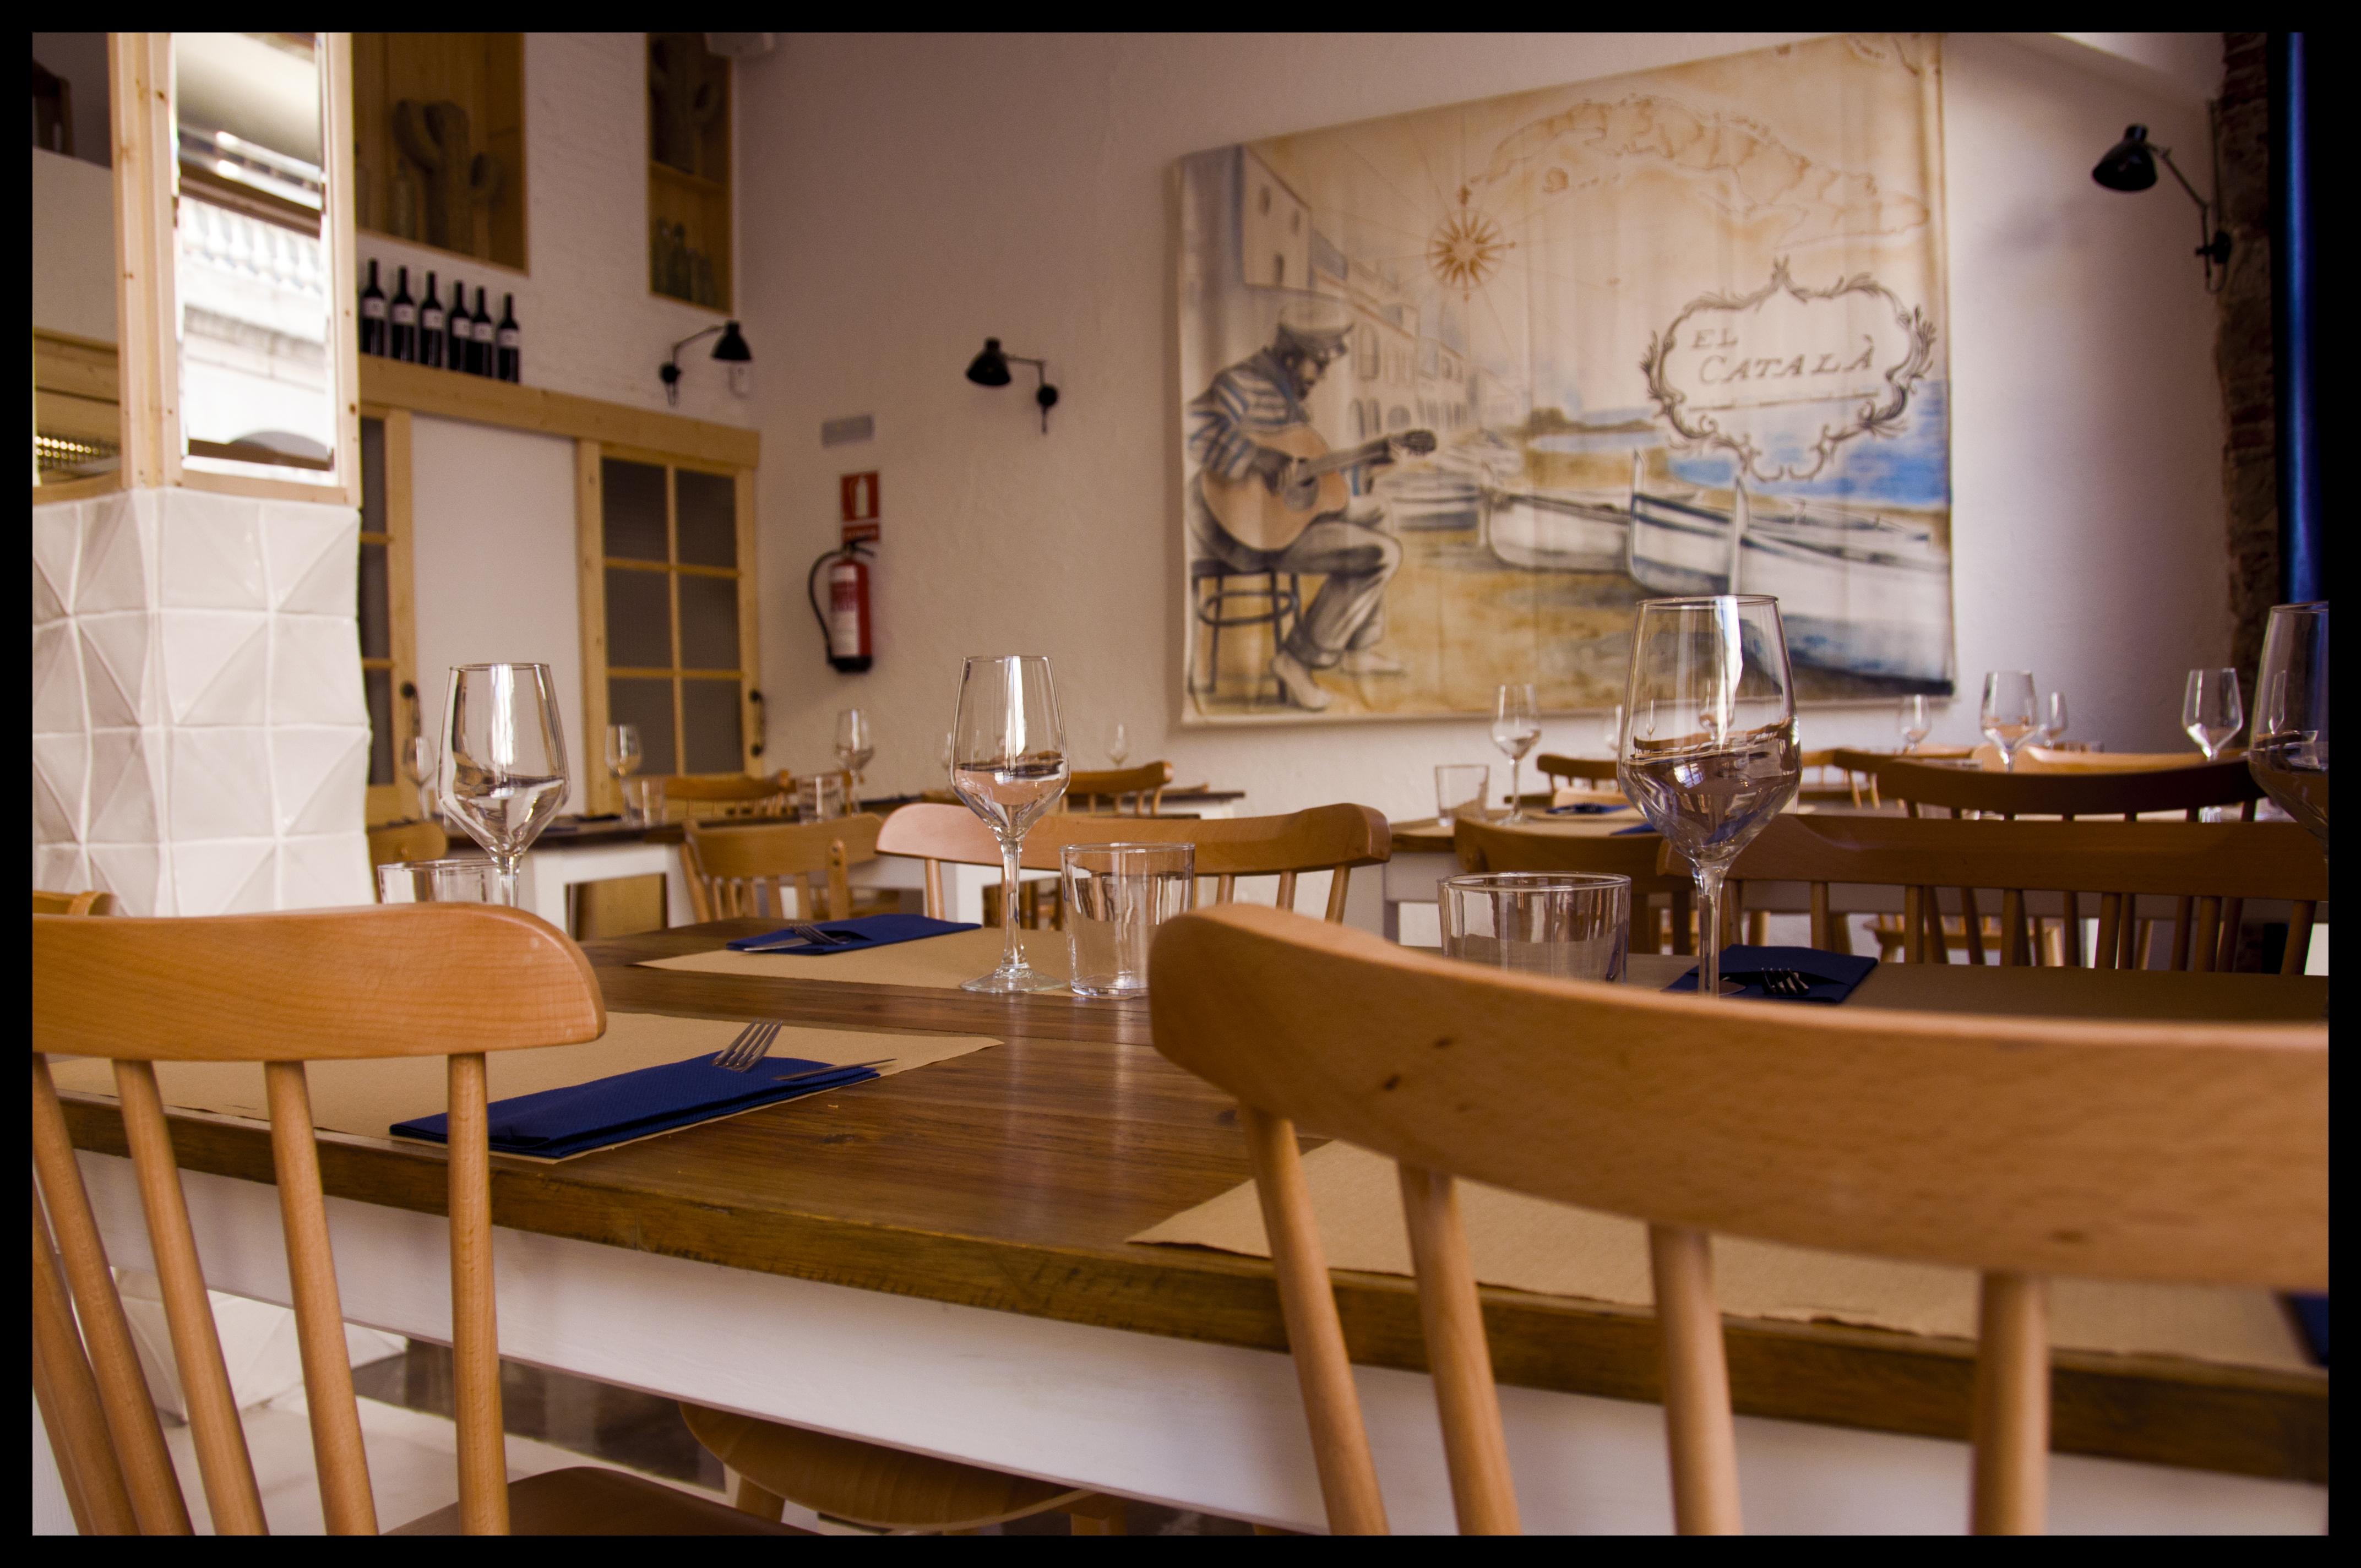 Un restaurante con sabor mediterr neo el catal el for Muebles catala